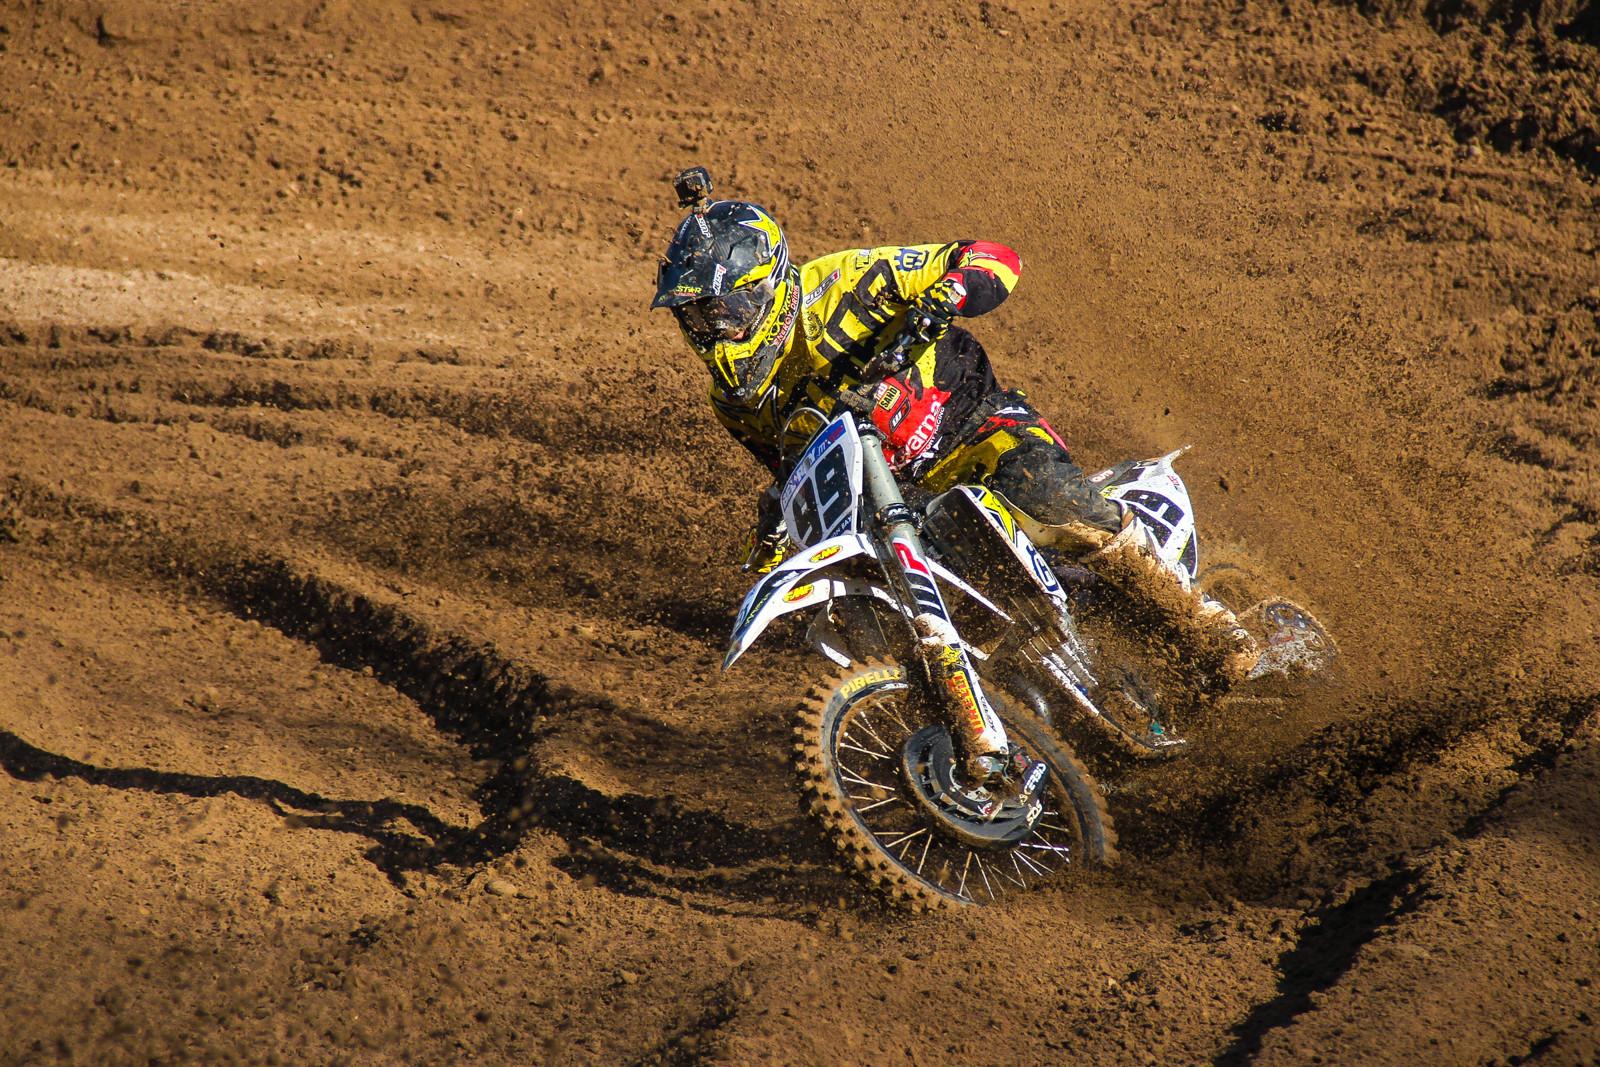 Max Anstie - Photo Blast: 2017 MXGP of Latvia - Motocross Pictures - Vital MX